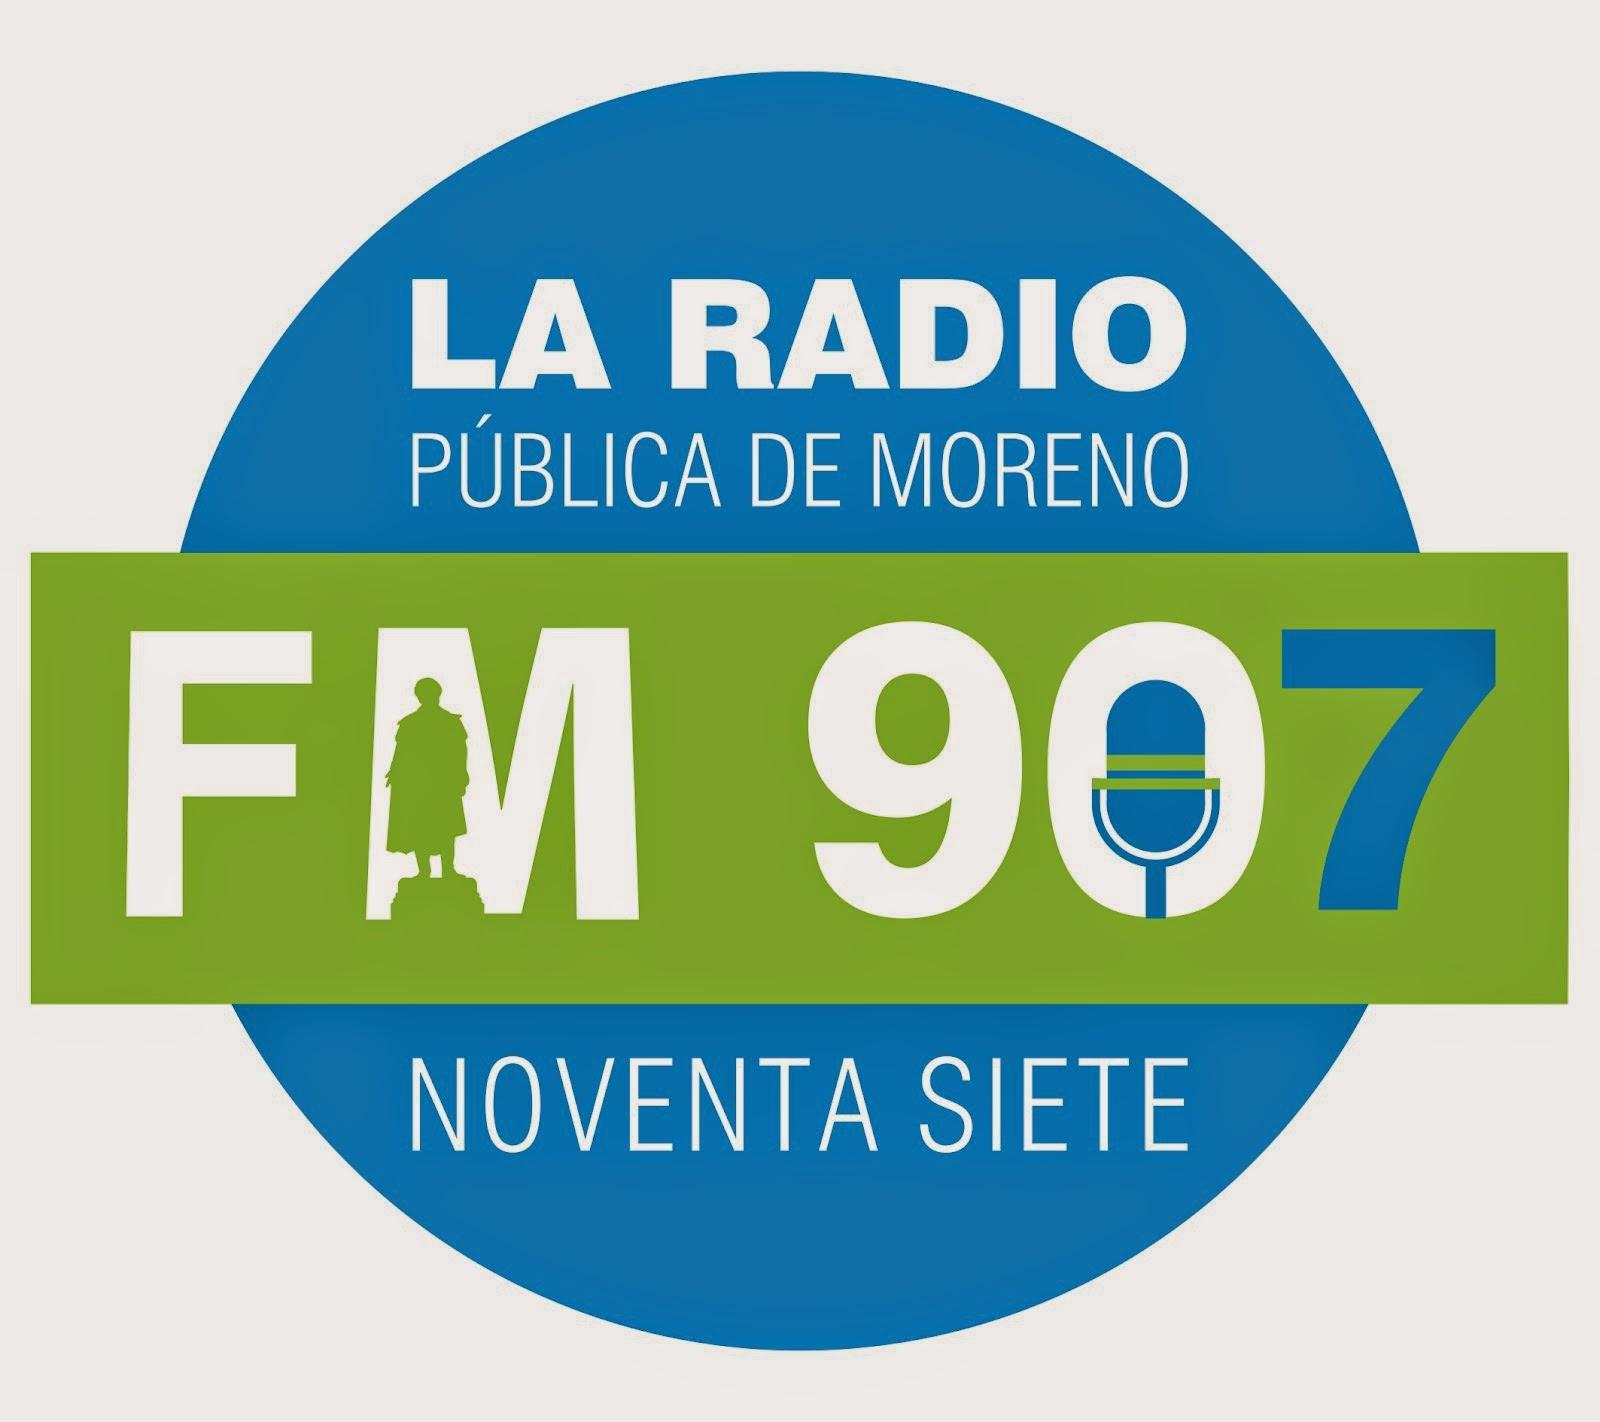 La Radio Pública de Moreno